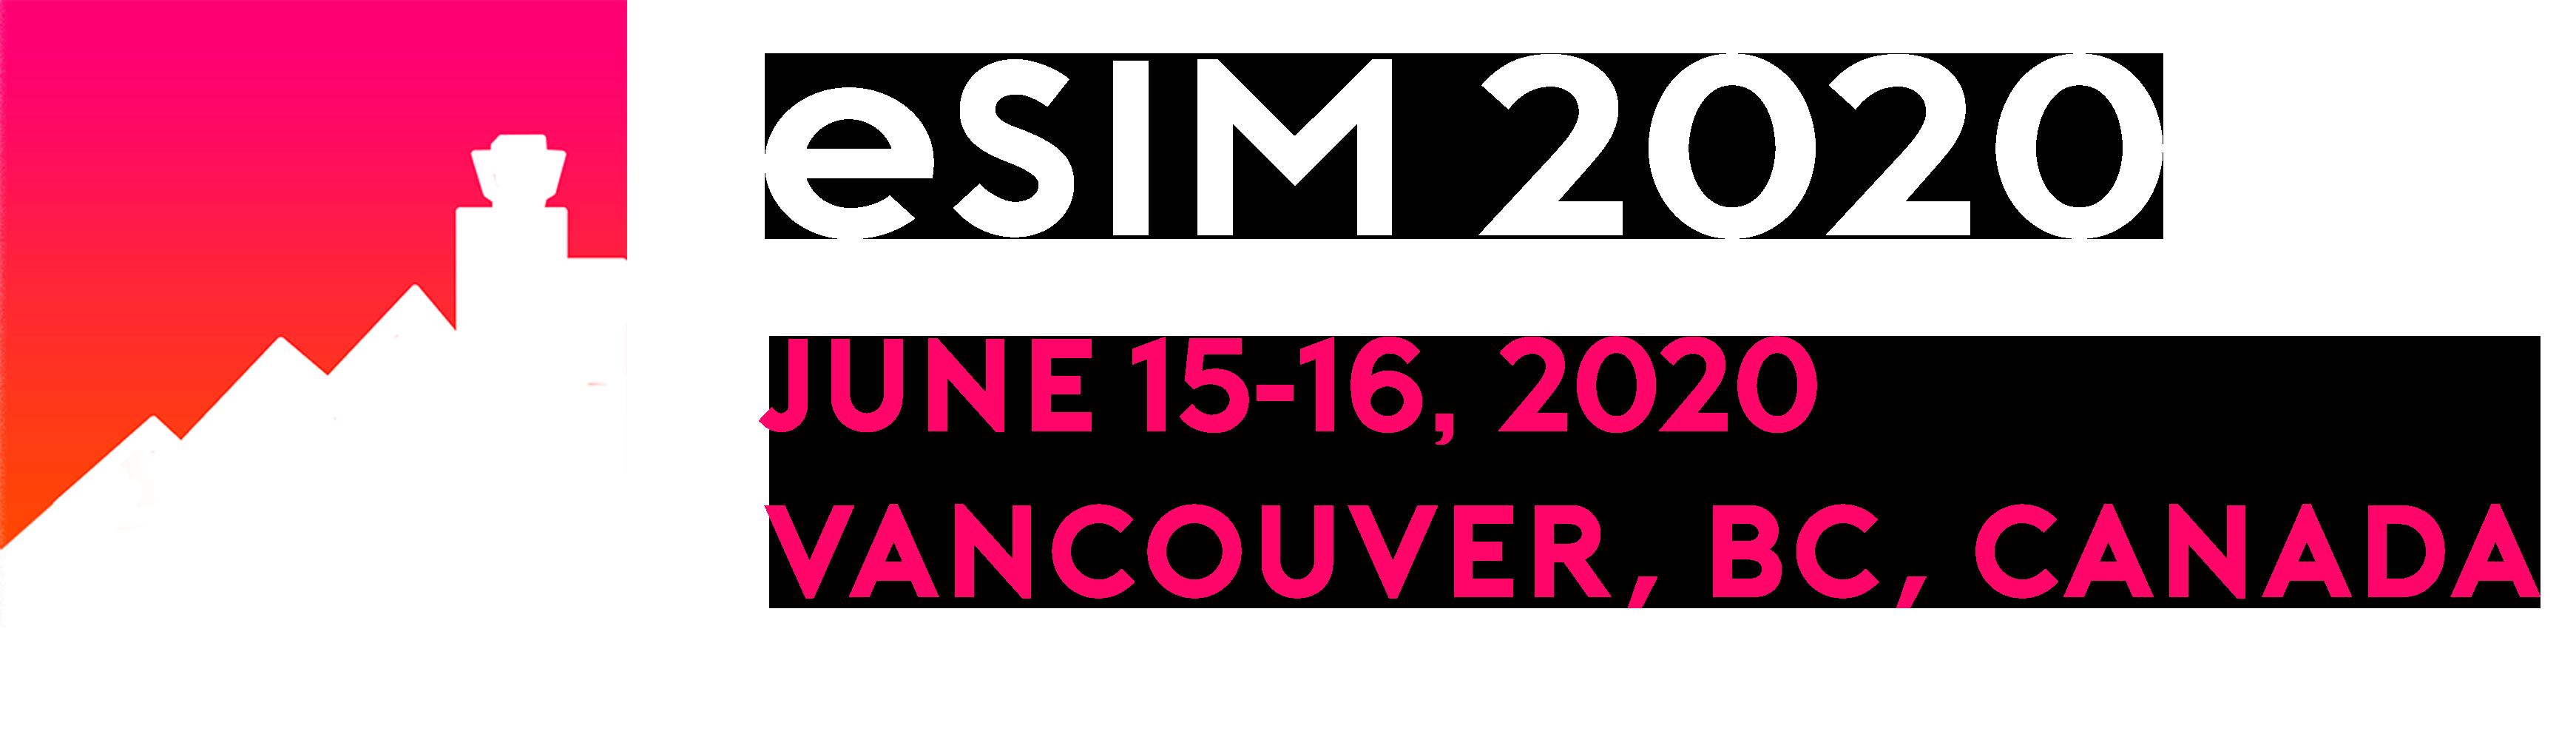 eSIM 2020